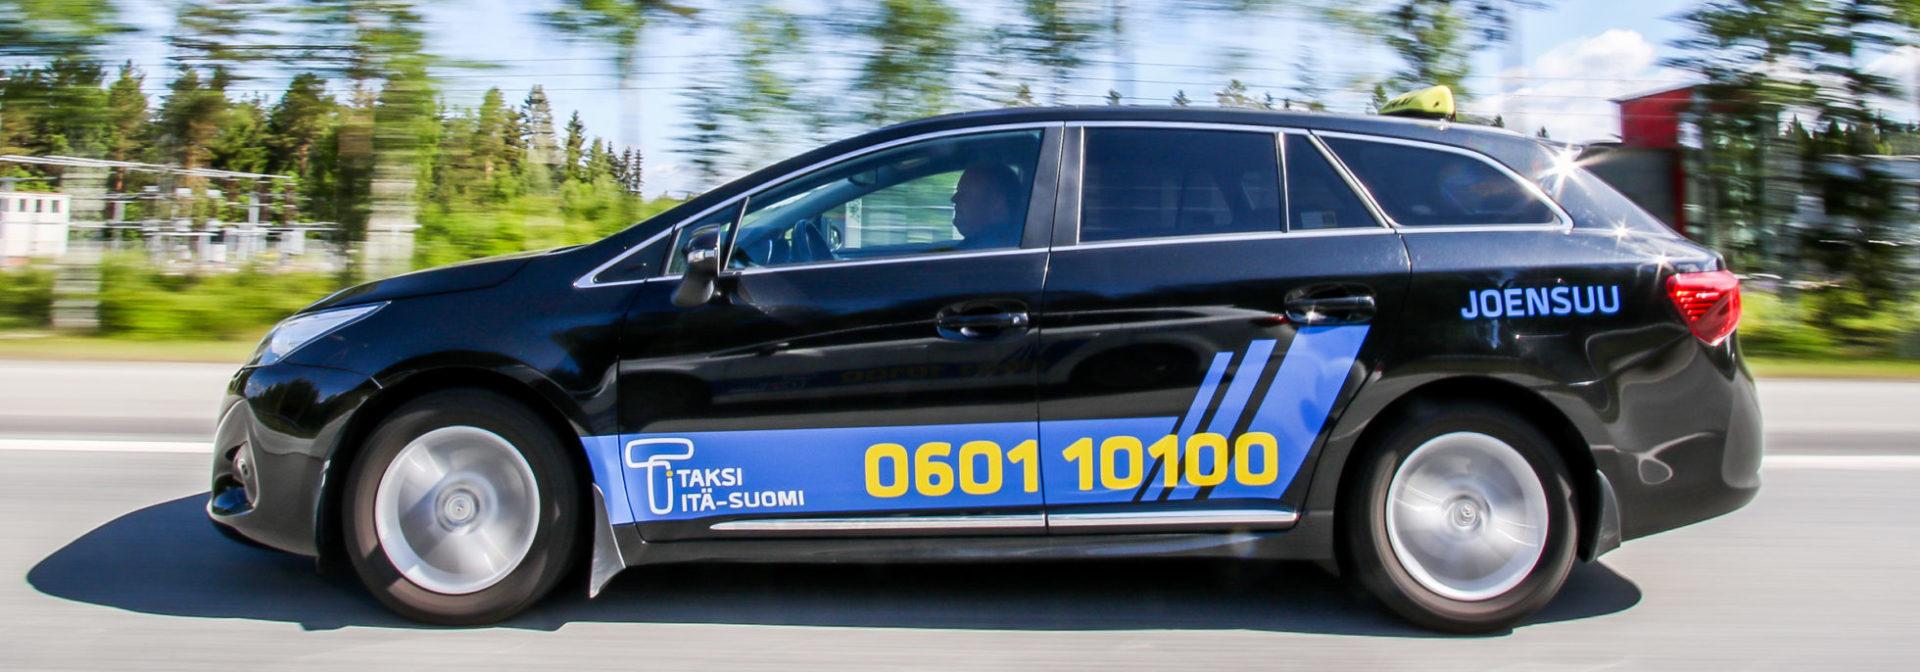 Taksi Ykköset